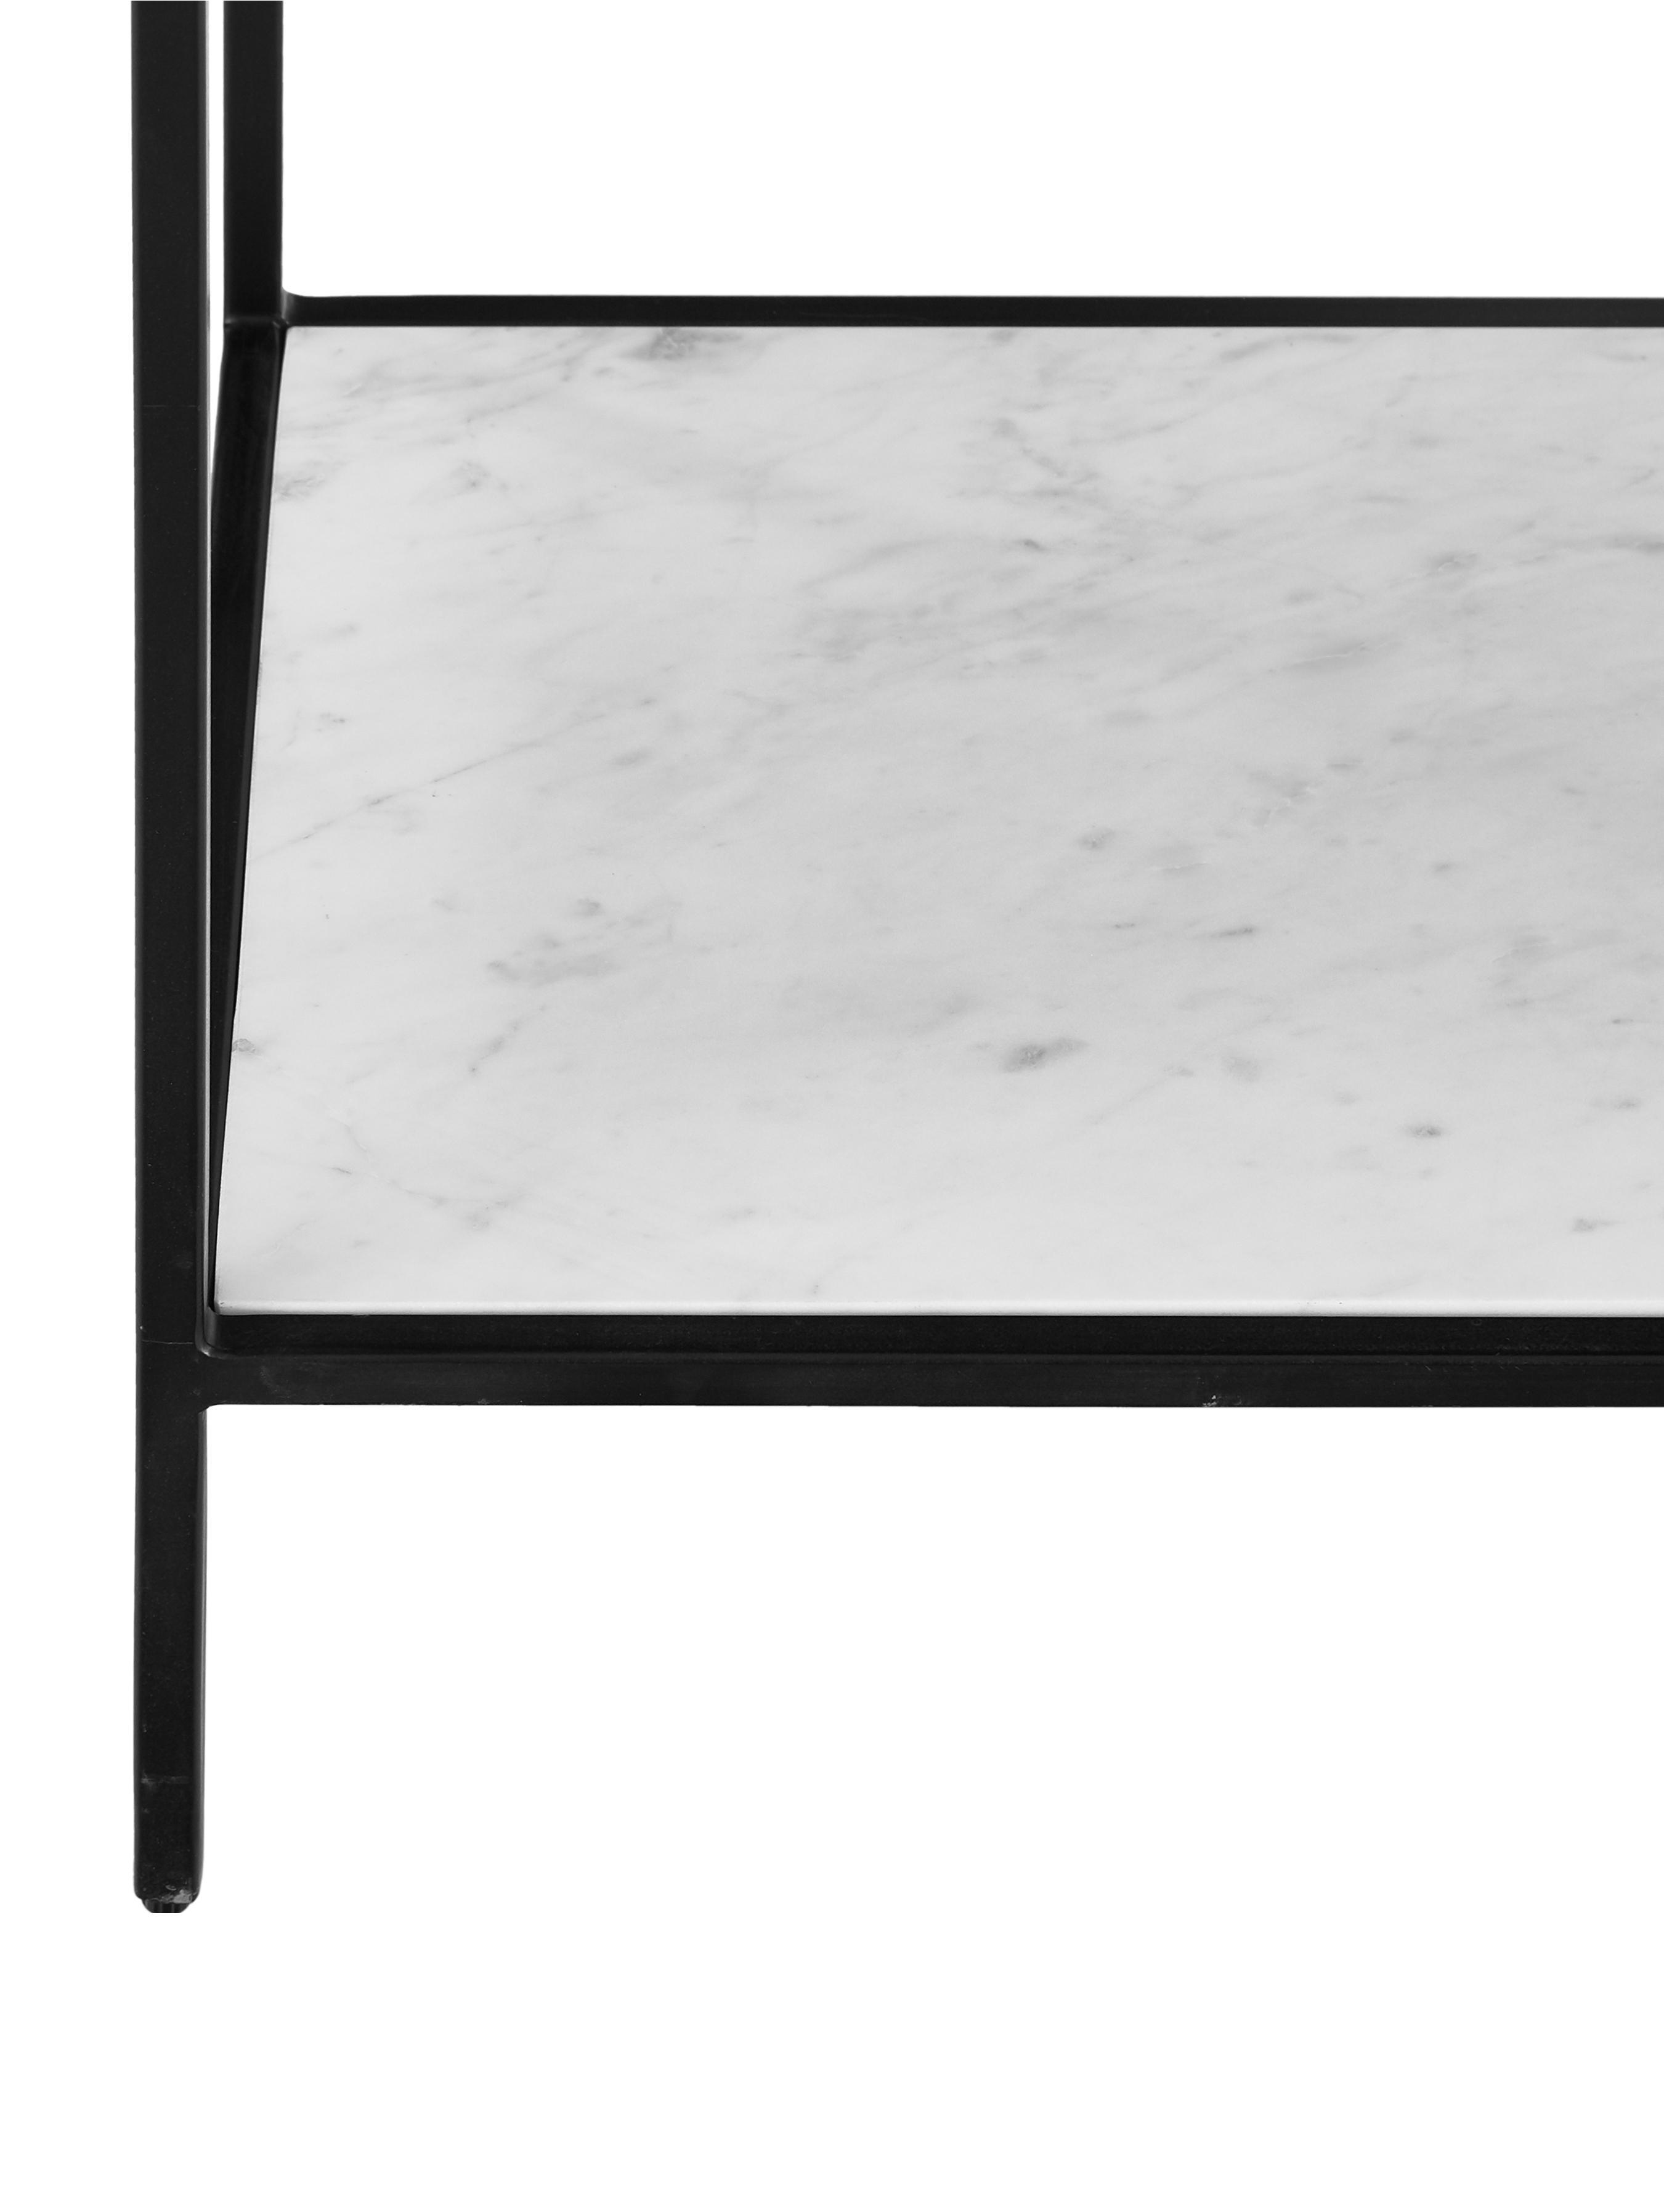 Konsole Lenny mit Marmor-Ablage, Korpus: Mitteldichte Holzfaserpla, Ablagefläche: Marmor, Gestell: Metall, pulverbeschichtet, Schwarz, Weiß-grauer Marmor, 120 x 80 cm